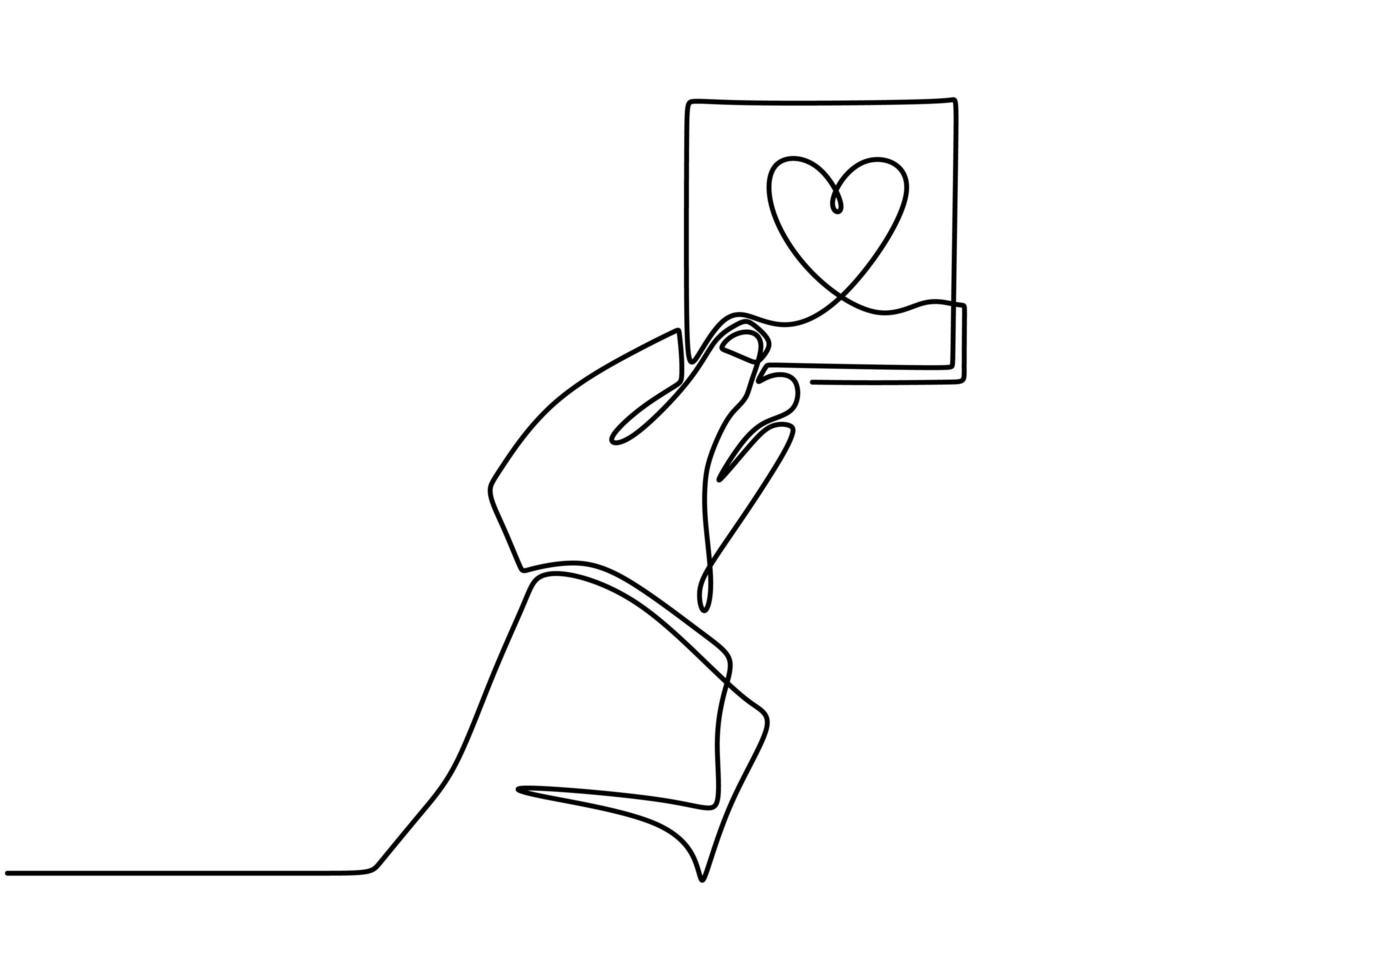 doorlopende lijntekening hand met liefde hart teken, een hand getrokken schets vectorillustratie. vector